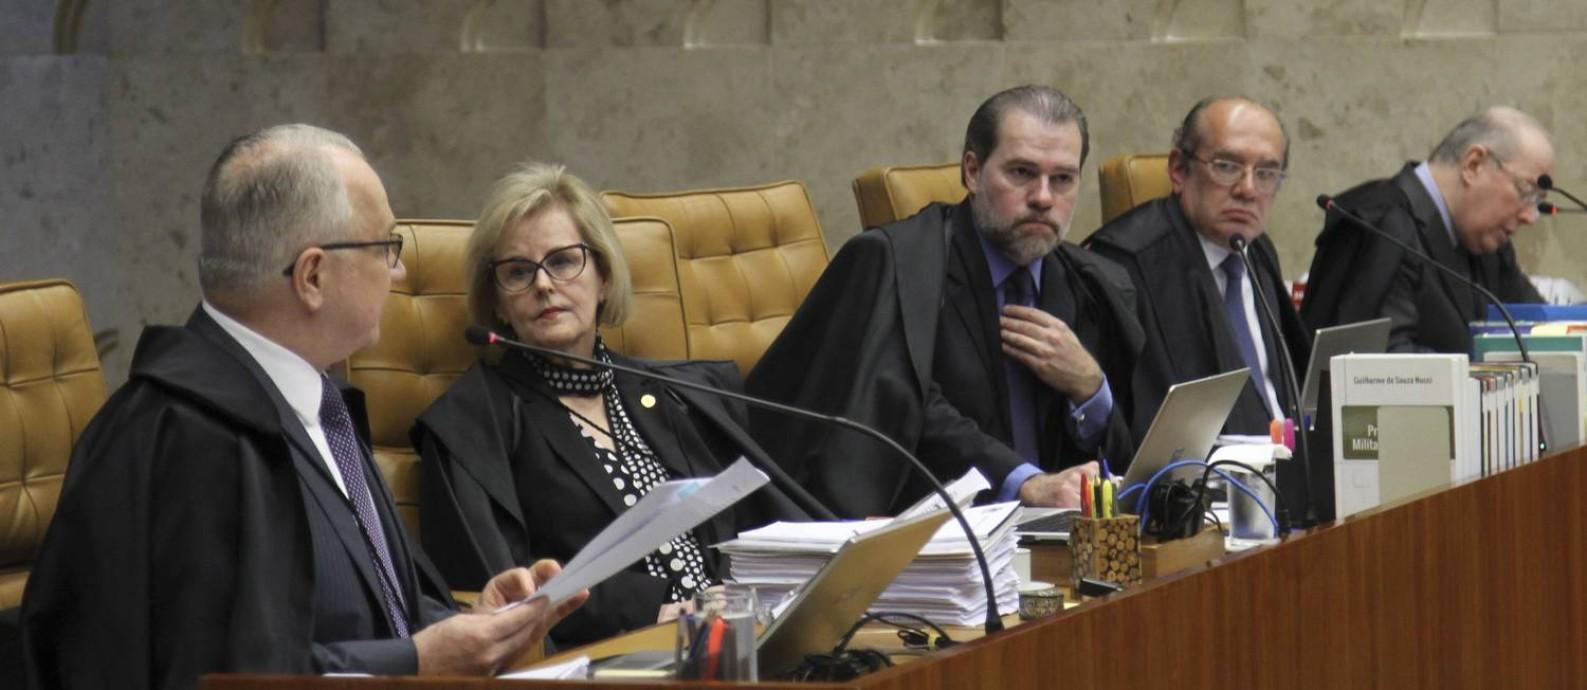 Os ministros Edson Fachin, Rosa Weber, Dias Toffoli, Gilmar Mendes e Celso de Mello Foto: Aílton de Freitas / Agência O Globo